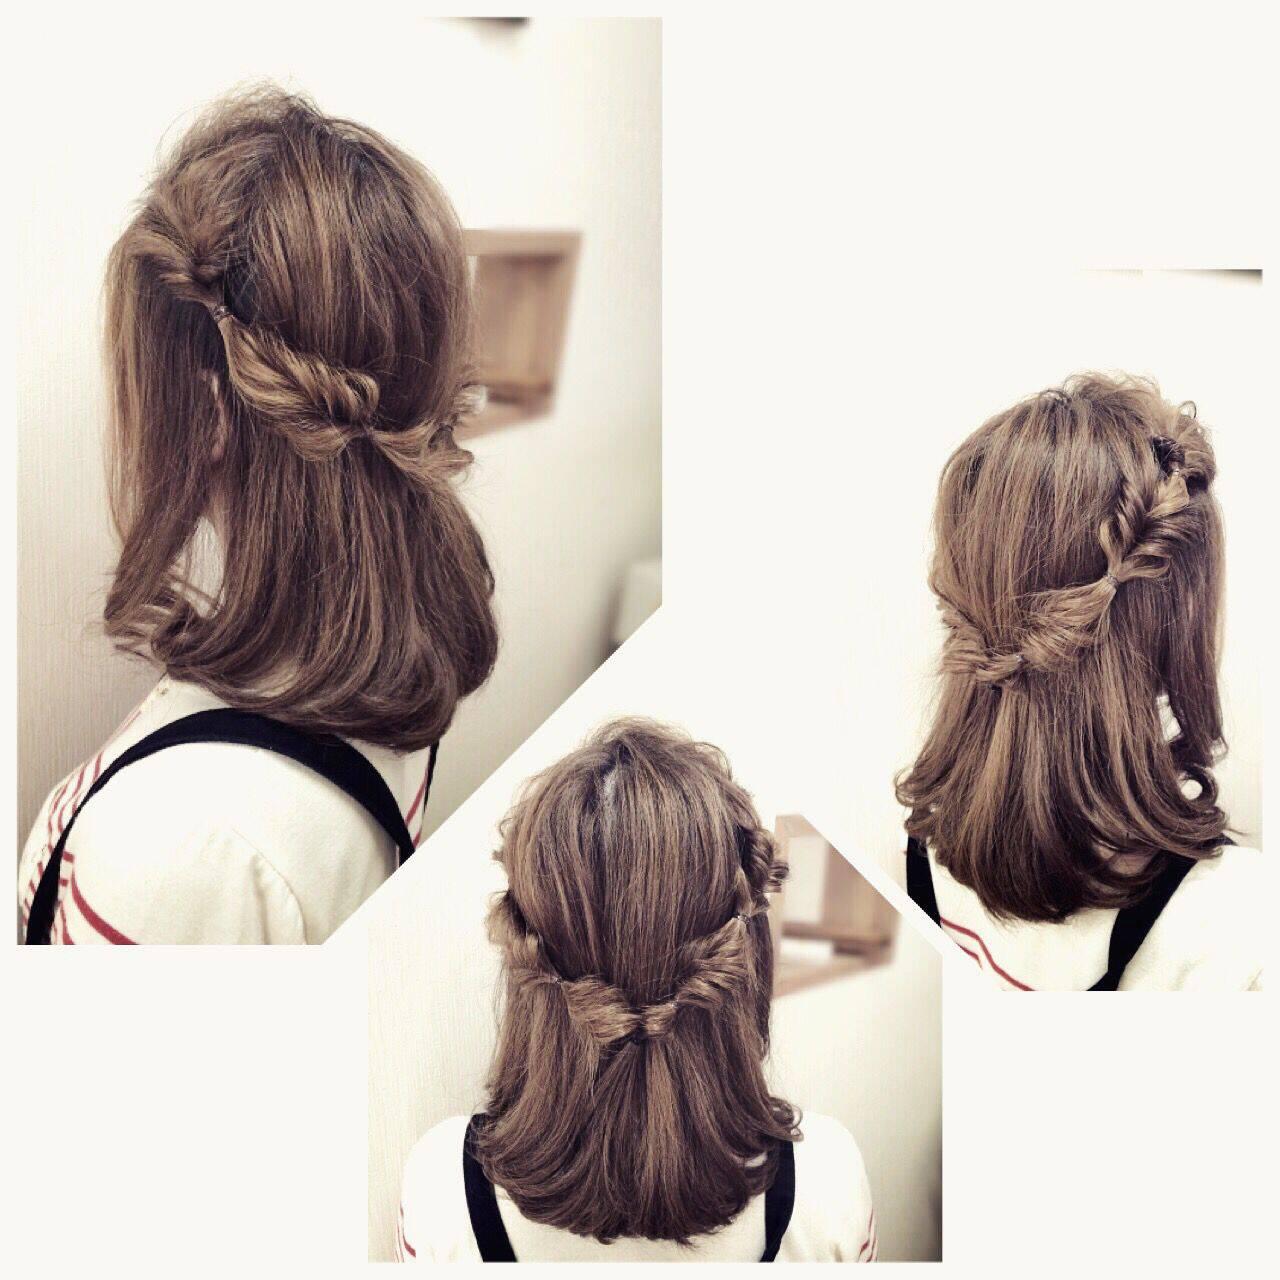 ナチュラル ロング パーティ アップスタイルヘアスタイルや髪型の写真・画像